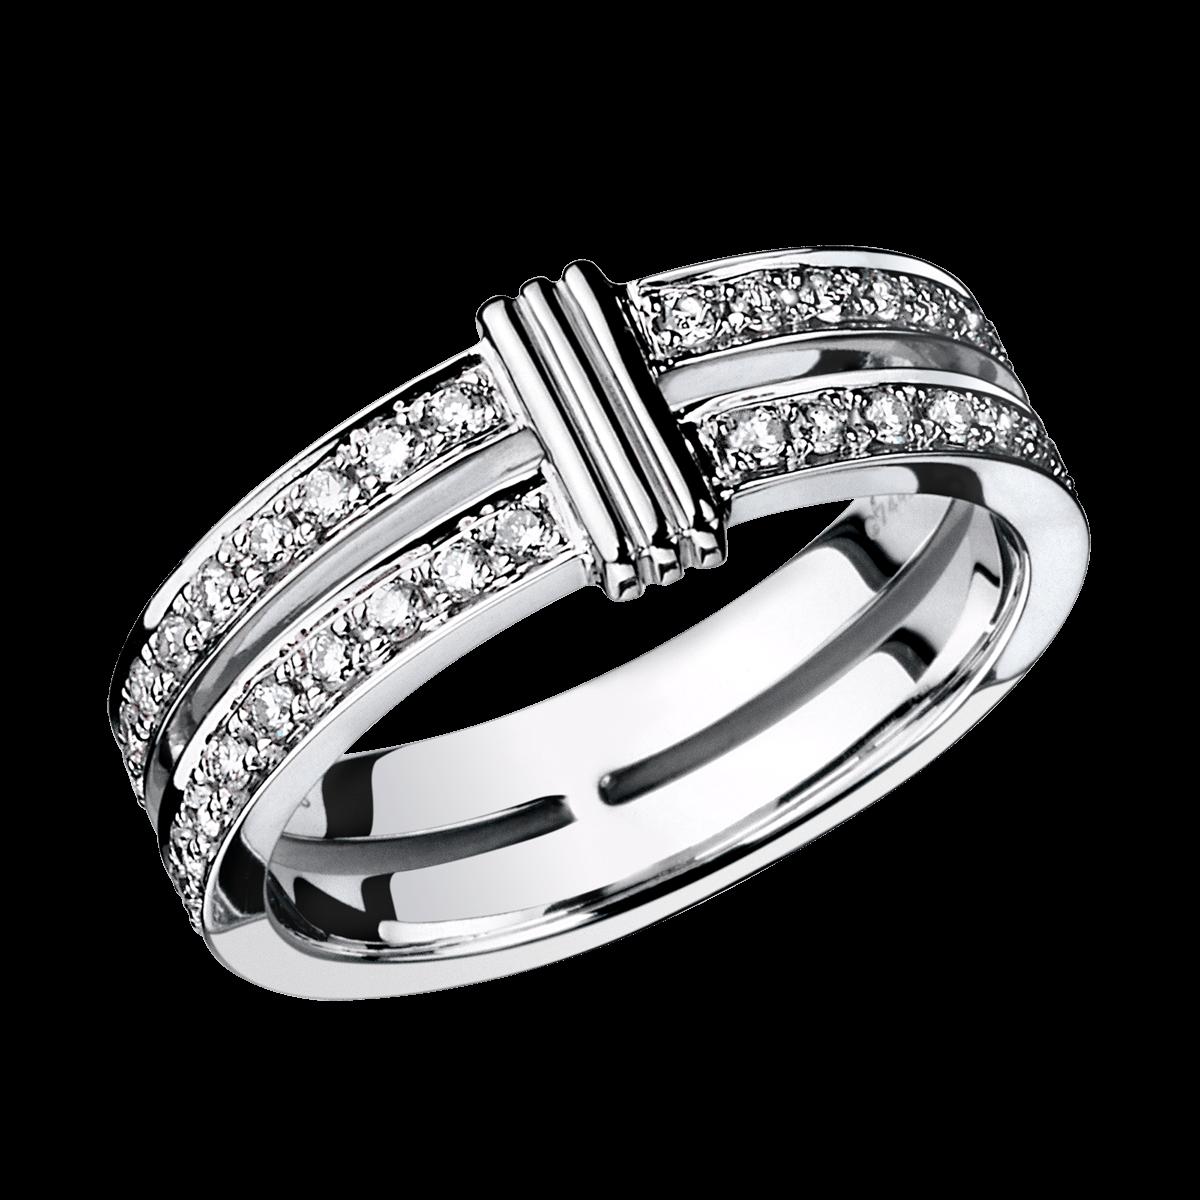 MAUBOUSSINの結婚指輪デザイン3